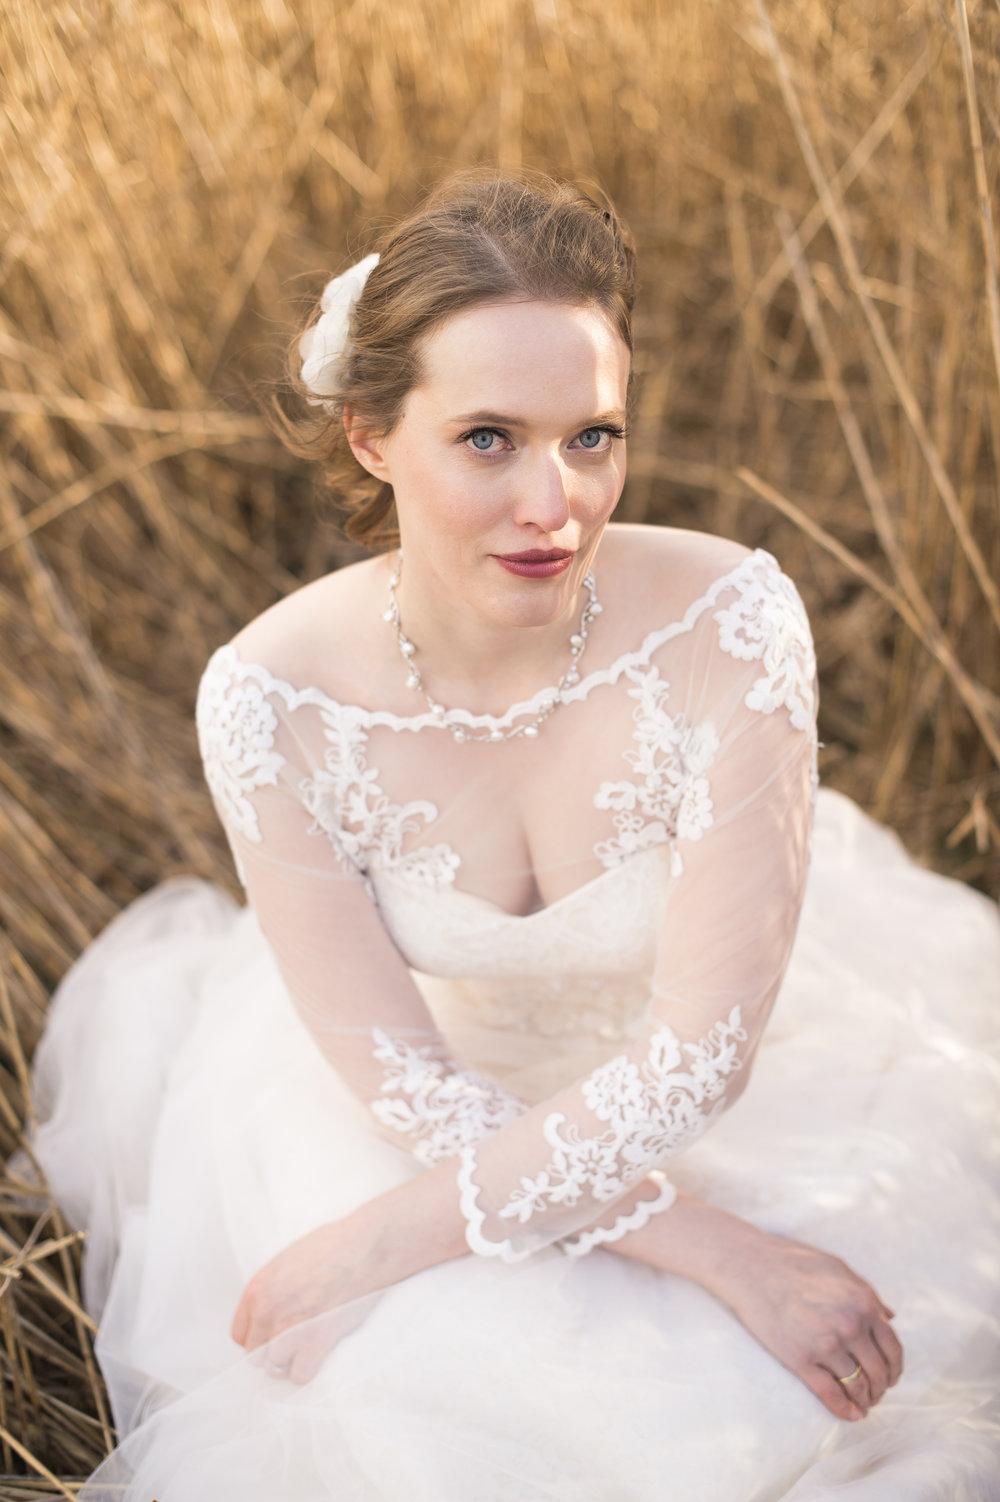 Liebe Eva,  mir ist es ein Anliegen, dir noch einmal von ganzem Herzen zu danken. Du hast wesentlich dazu beigetragen, dass mein Hochzeitstag zum schönsten Tag meines Lebens wurde. Ich habe mich an jenem Tag ausgesprochen wohl und wunderschön gefühlt. Tausend Dank für deine professionelle Hingabe und deine ruhige, entspannte und liebe Art. Schon beim Probetermin habe ich mich ausnehmend wohl und schön gefühlt. Am Tag der Hochzeit hast du dies noch gesteigert. Liebe Eva, ich hoffe, dass wir einander einmal wiedersehen und wünsche dir alles Liebe. Vielen Dank!   Ganz viele herzliche Grüße sendet Juliane